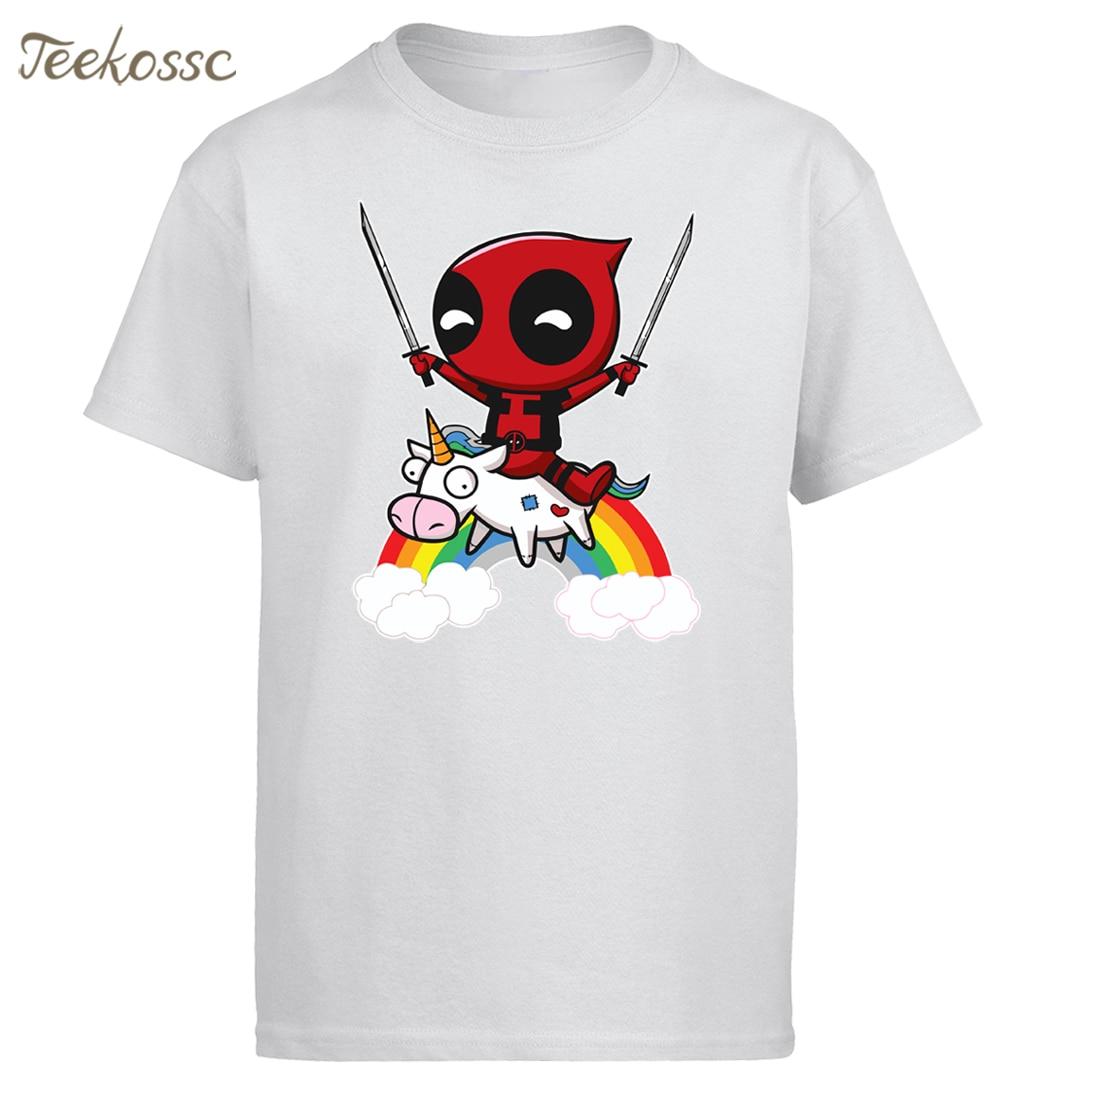 Мужская забавная футболка Deadpool, новинка 2018, брендовые летние мужские футболки, хлопковая Футболка с принтом «мертвый бассейн», Camiseta Homme